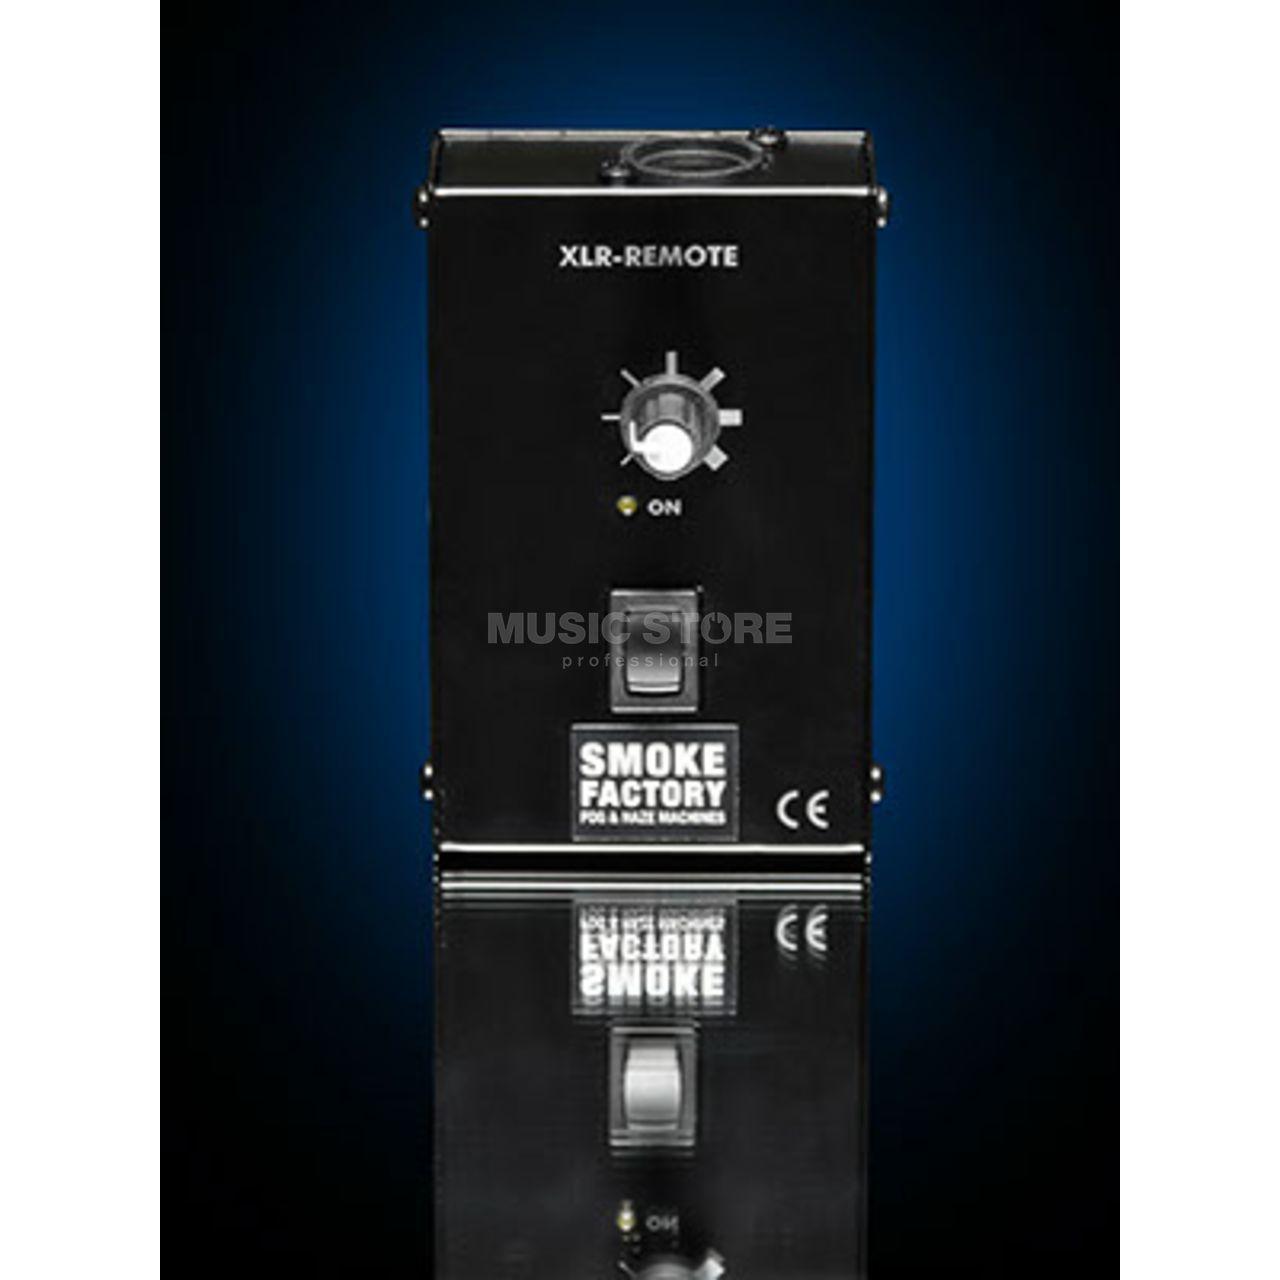 Smoke Factory XLR Remote Kabelfernsteuerung II